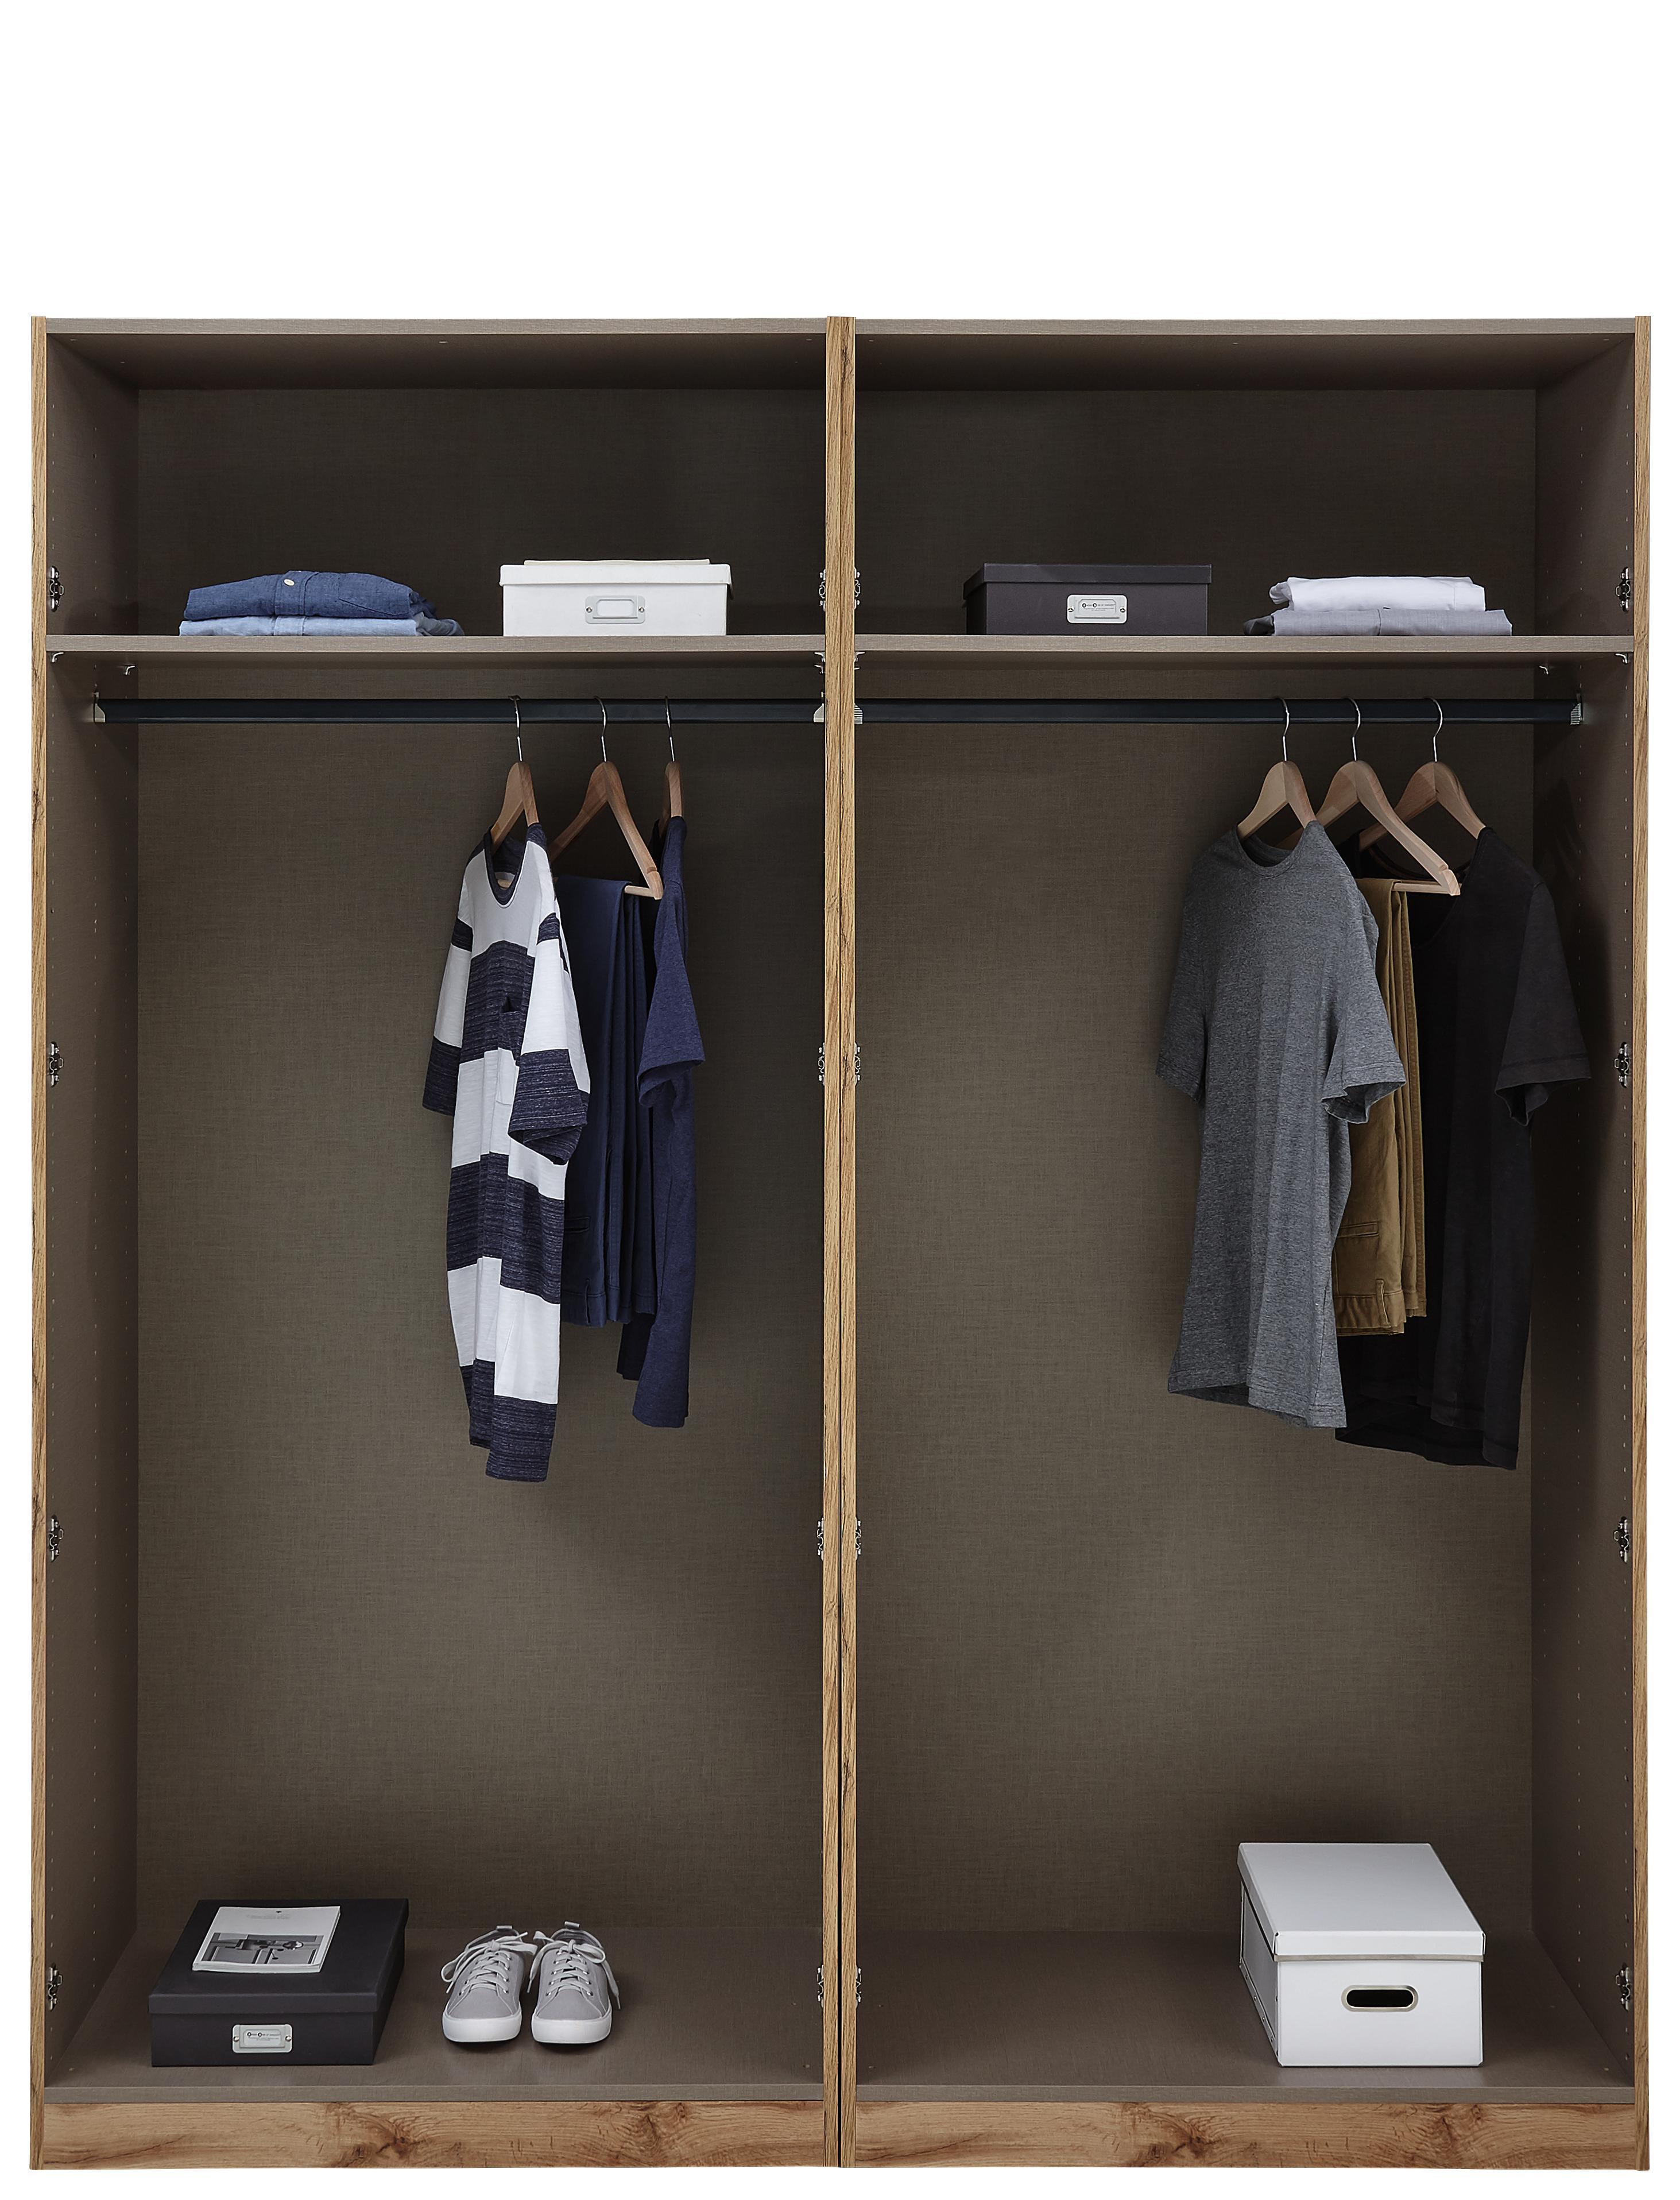 Offener Kleiderschrank mit Kleiderstangen und Einlegeböden